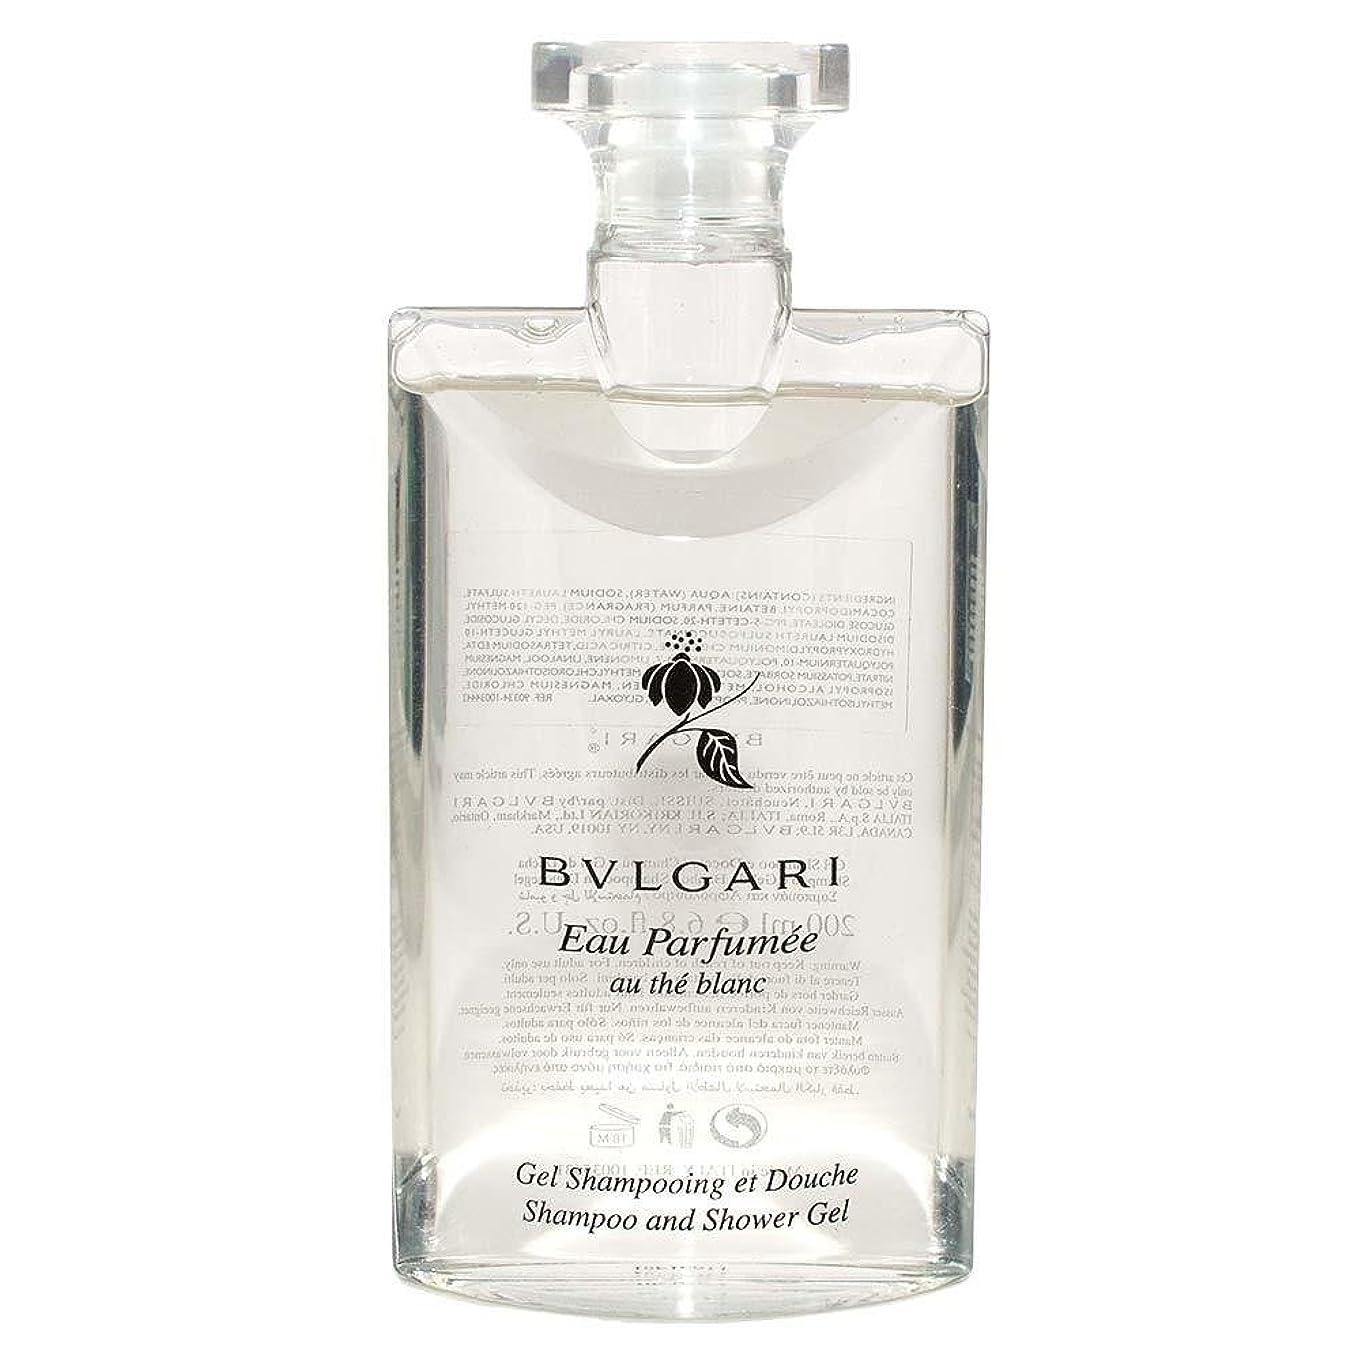 ボックスセントを通してBvlgari Eau Parfumee Au The Blanc (ブルガリ オー パフュ-メ オウ ブラン) 2.5 oz (75ml) シャンプー